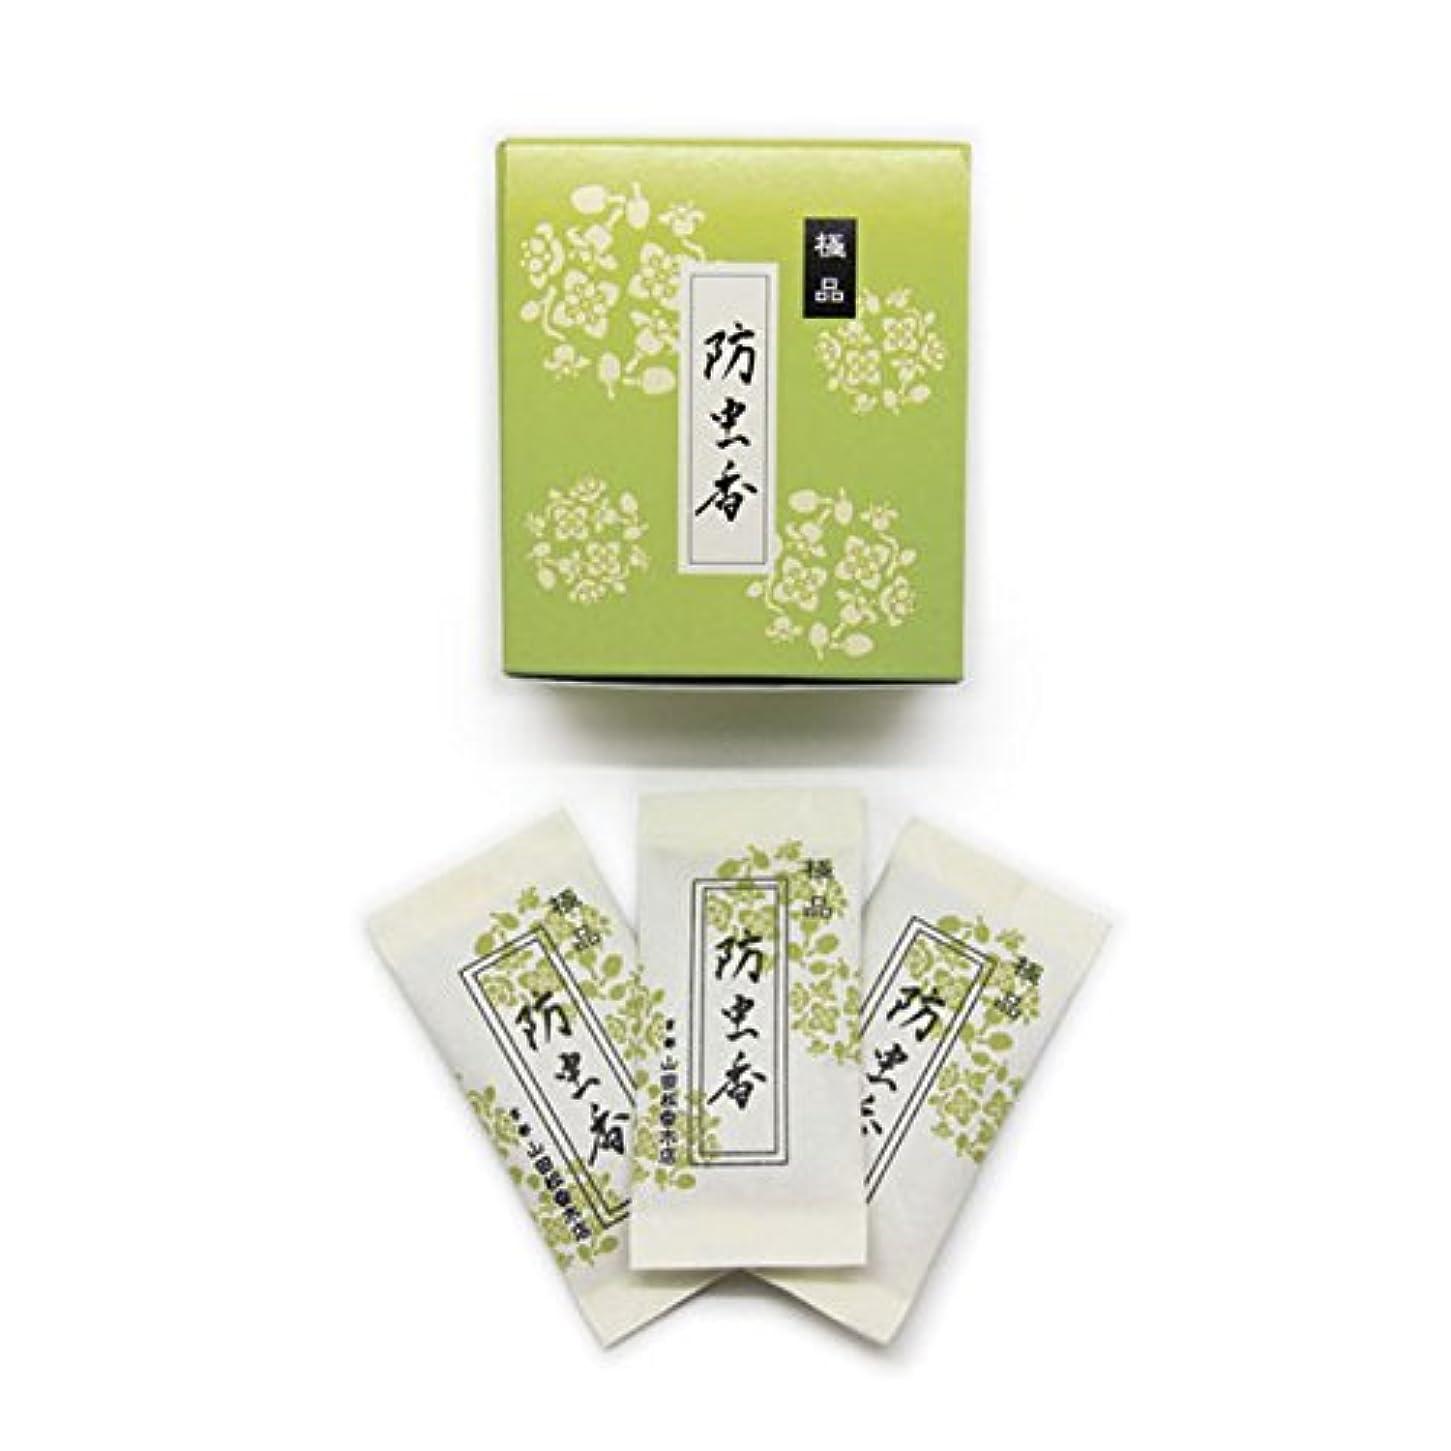 ラベル楽しませるスペル防虫香 極品(10ヶ入)